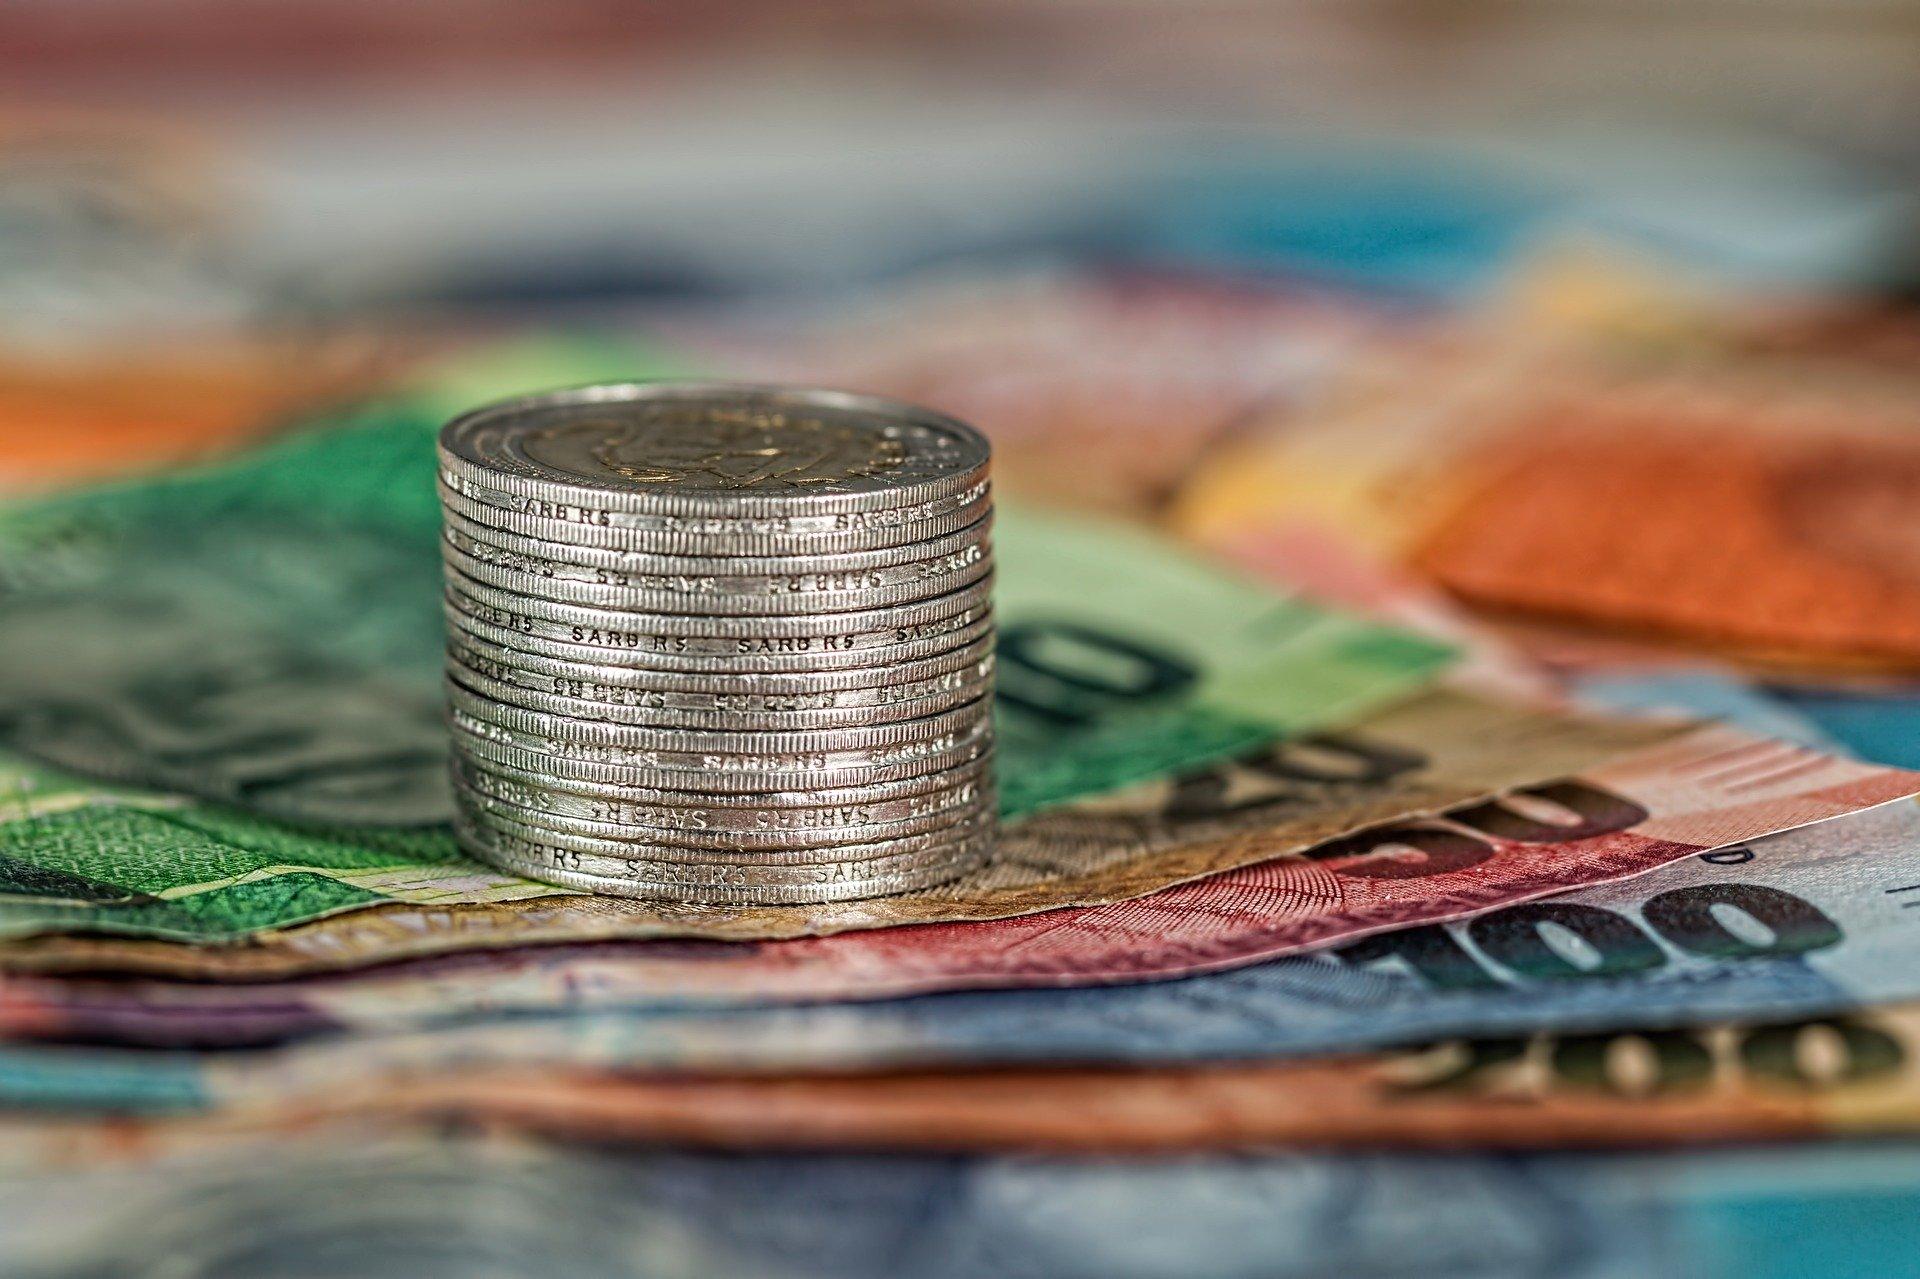 Mønter-pengesedler